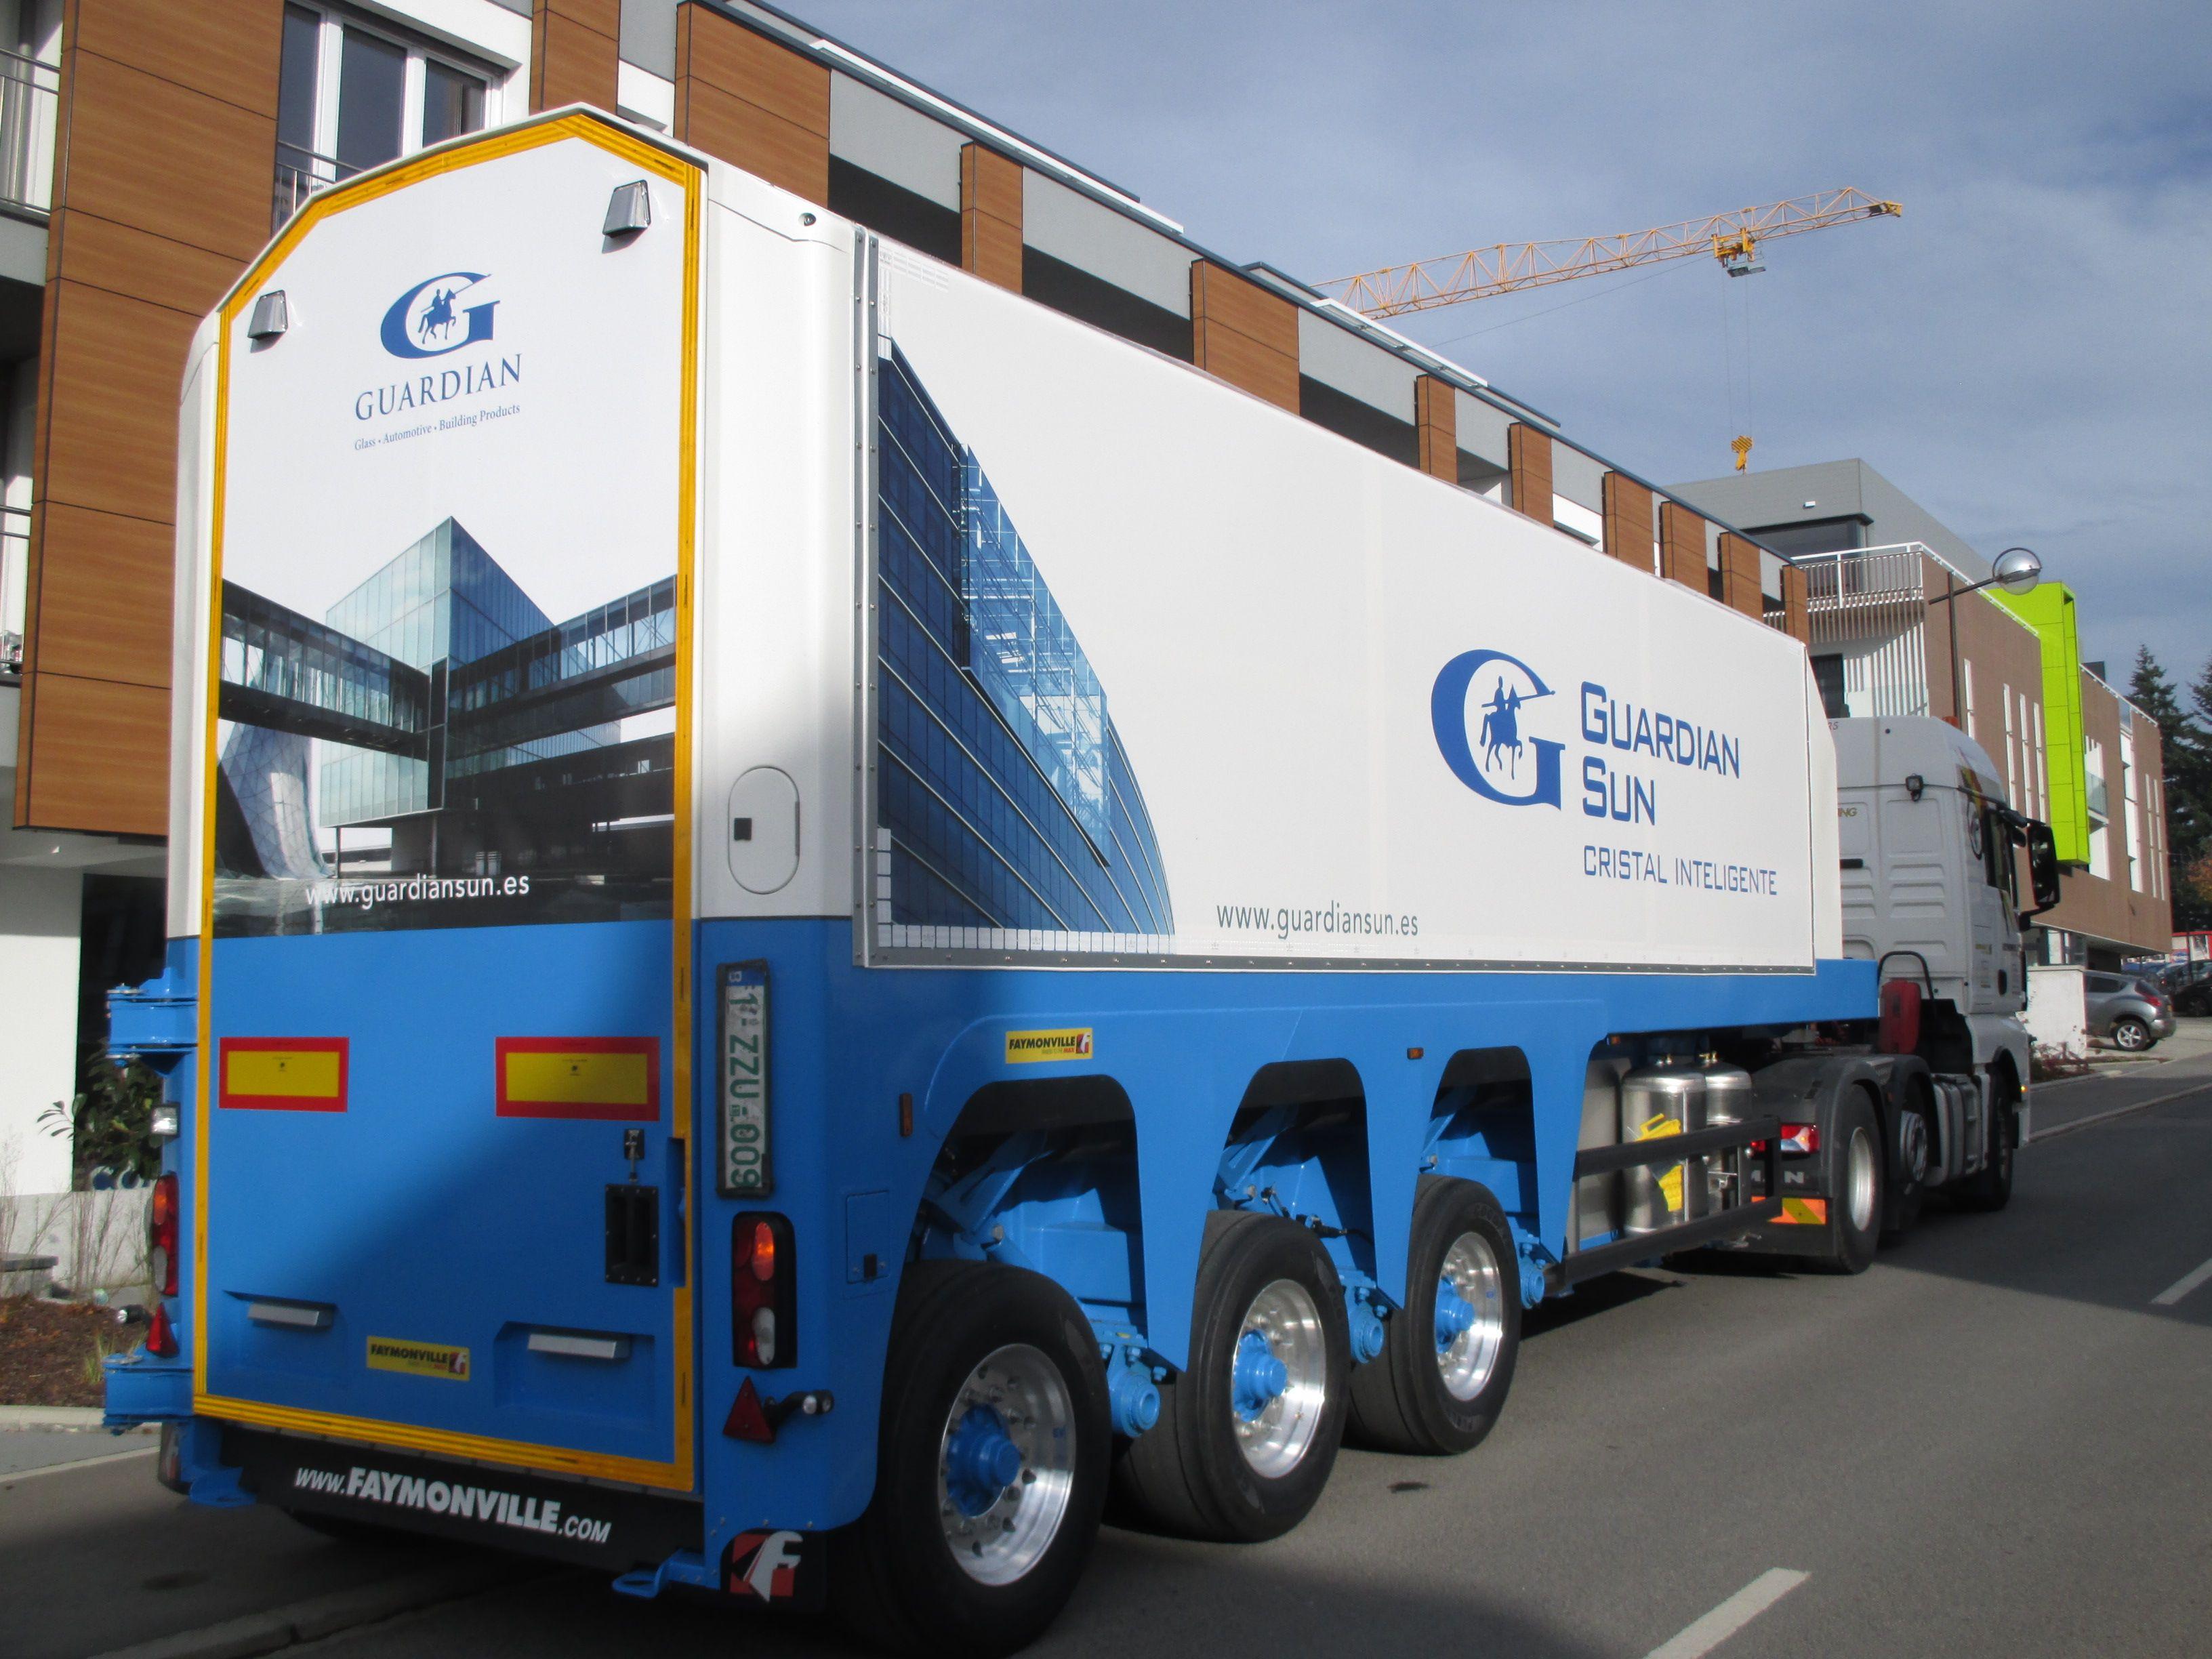 Der Faymonville FloatMAX ist ein  Innenlader für den Transport von Glas.